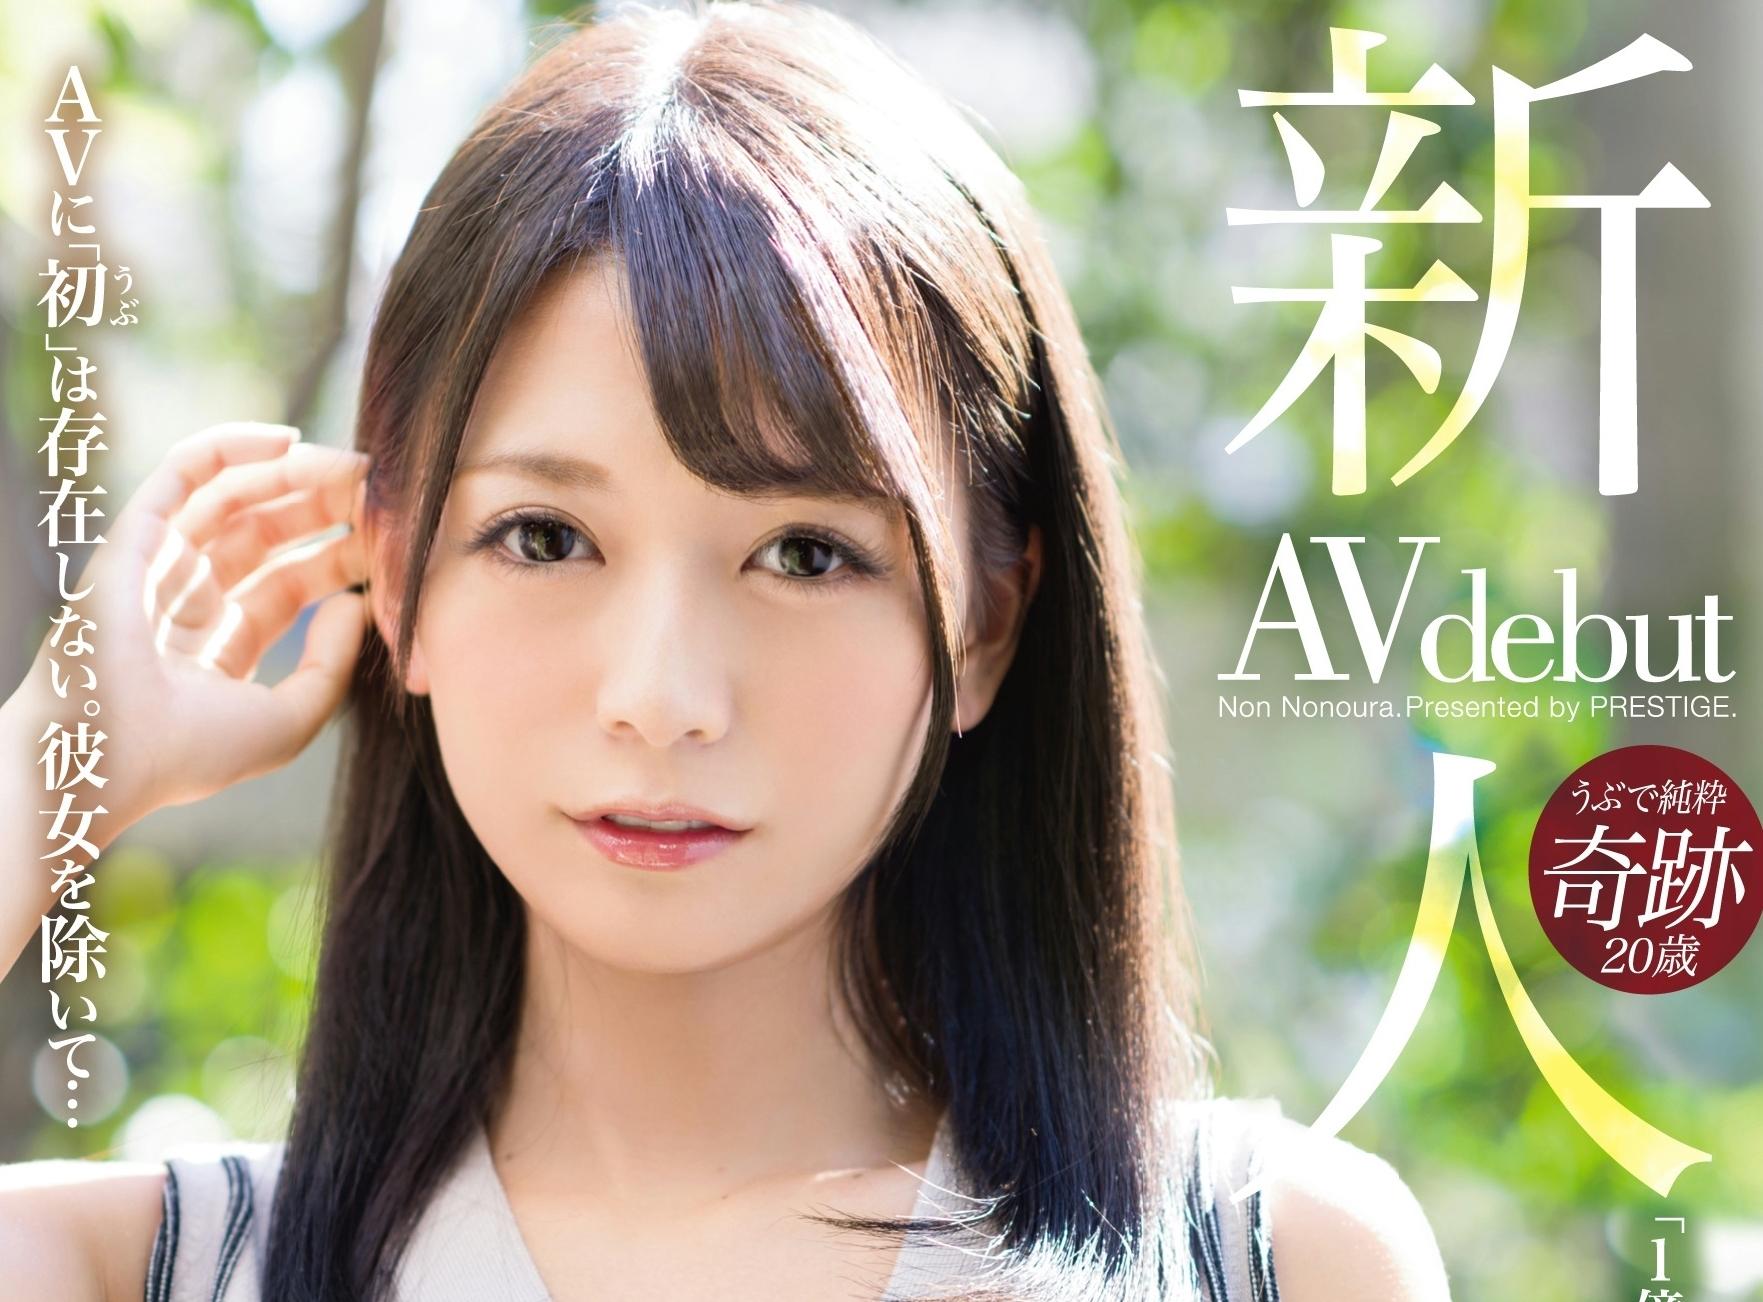 プレステージ2019年初の専属女優「野々浦暖」情報解禁!かわええええええええ!(サンプル動画公開)